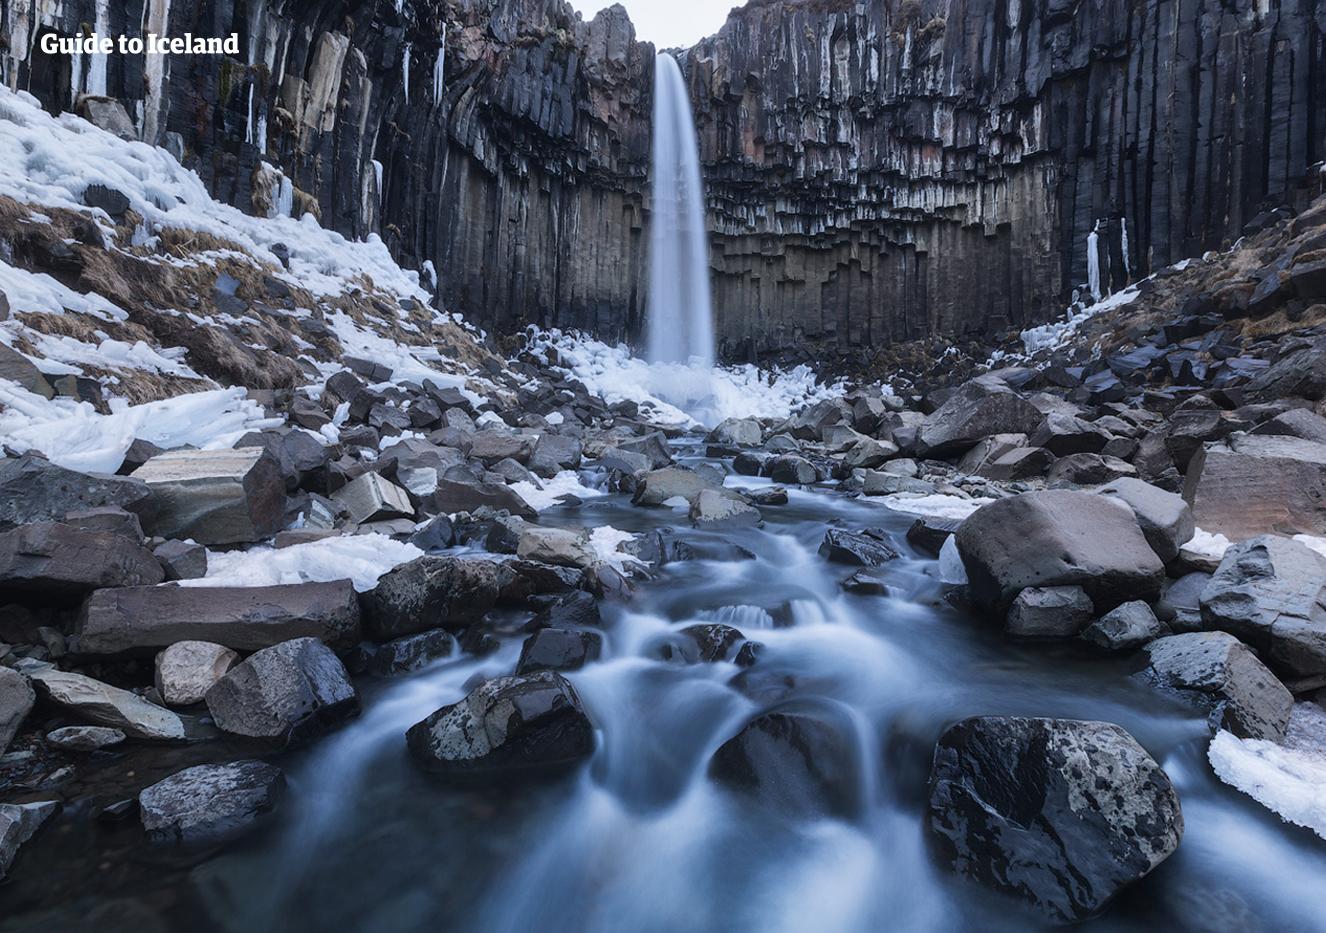 คุณสามารถเห็นแสงออโรร่าในฤดูหนาวที่นี่ในประเทศไอซ์แลนด์หากอากาศดี.